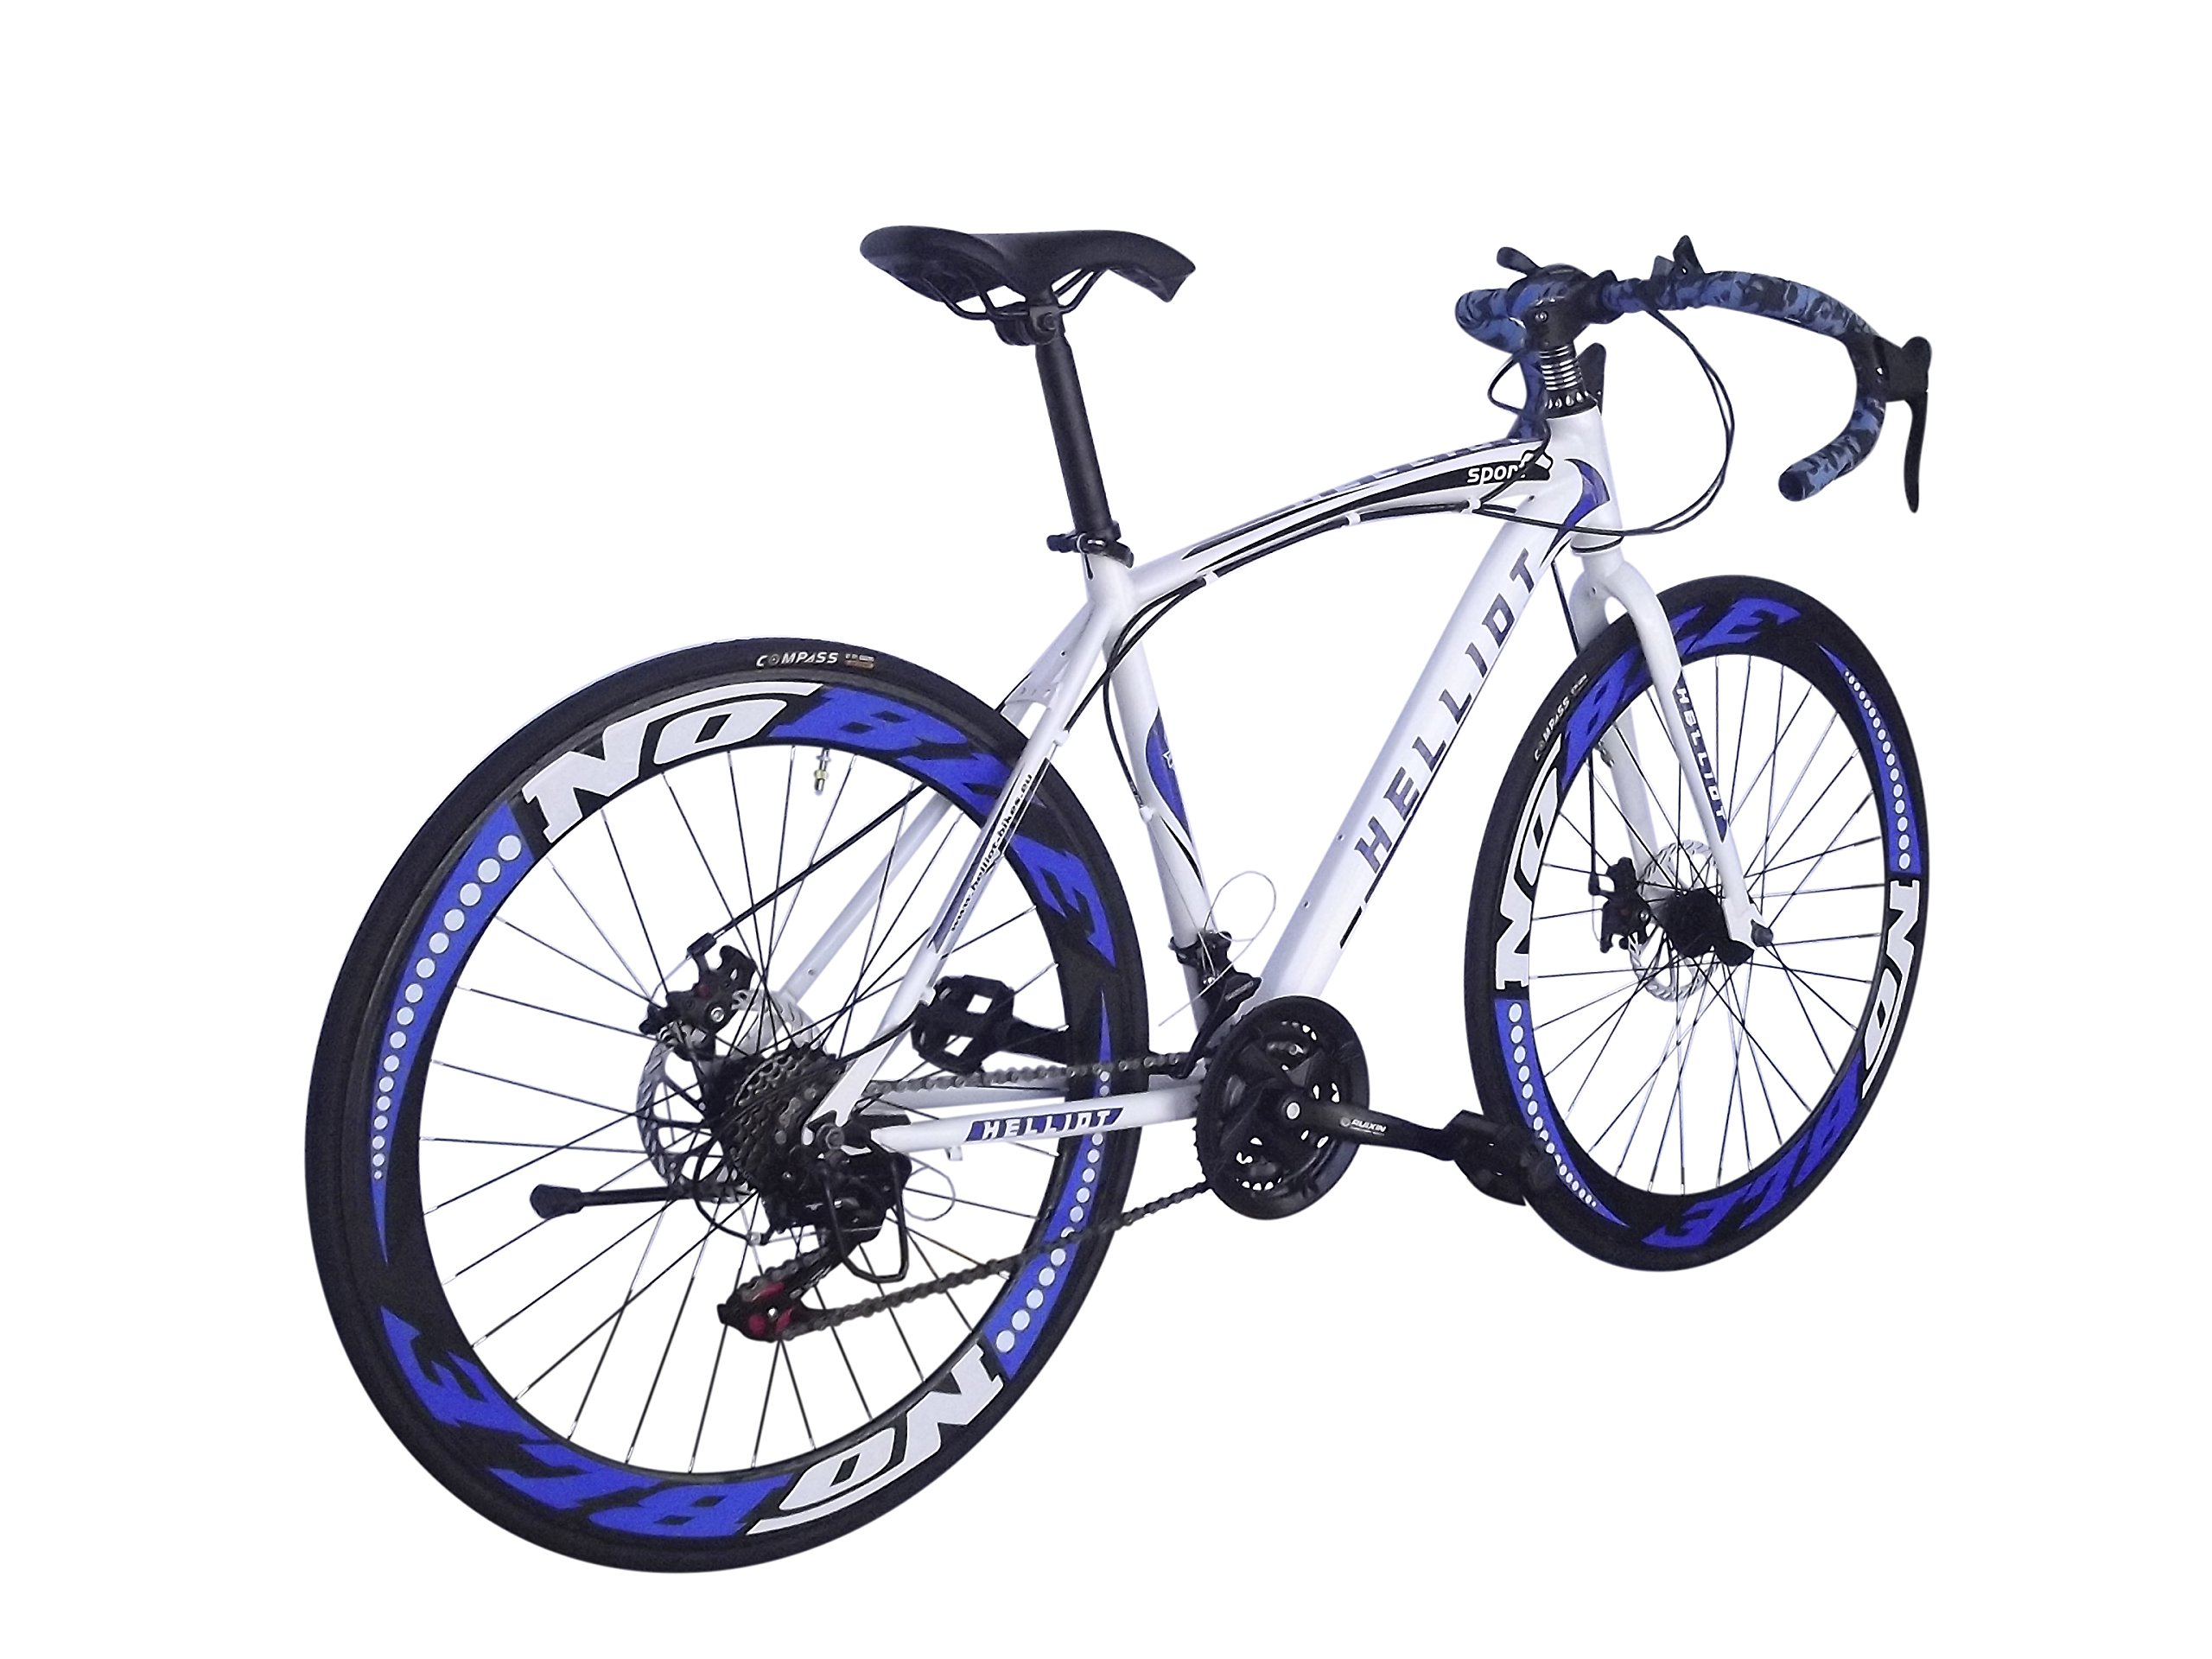 Helliot Bikes Sport_02 Bicicleta de Carretera, Unisex Adulto, Azul/Blanco, Estándar: Amazon.es: Deportes y aire libre